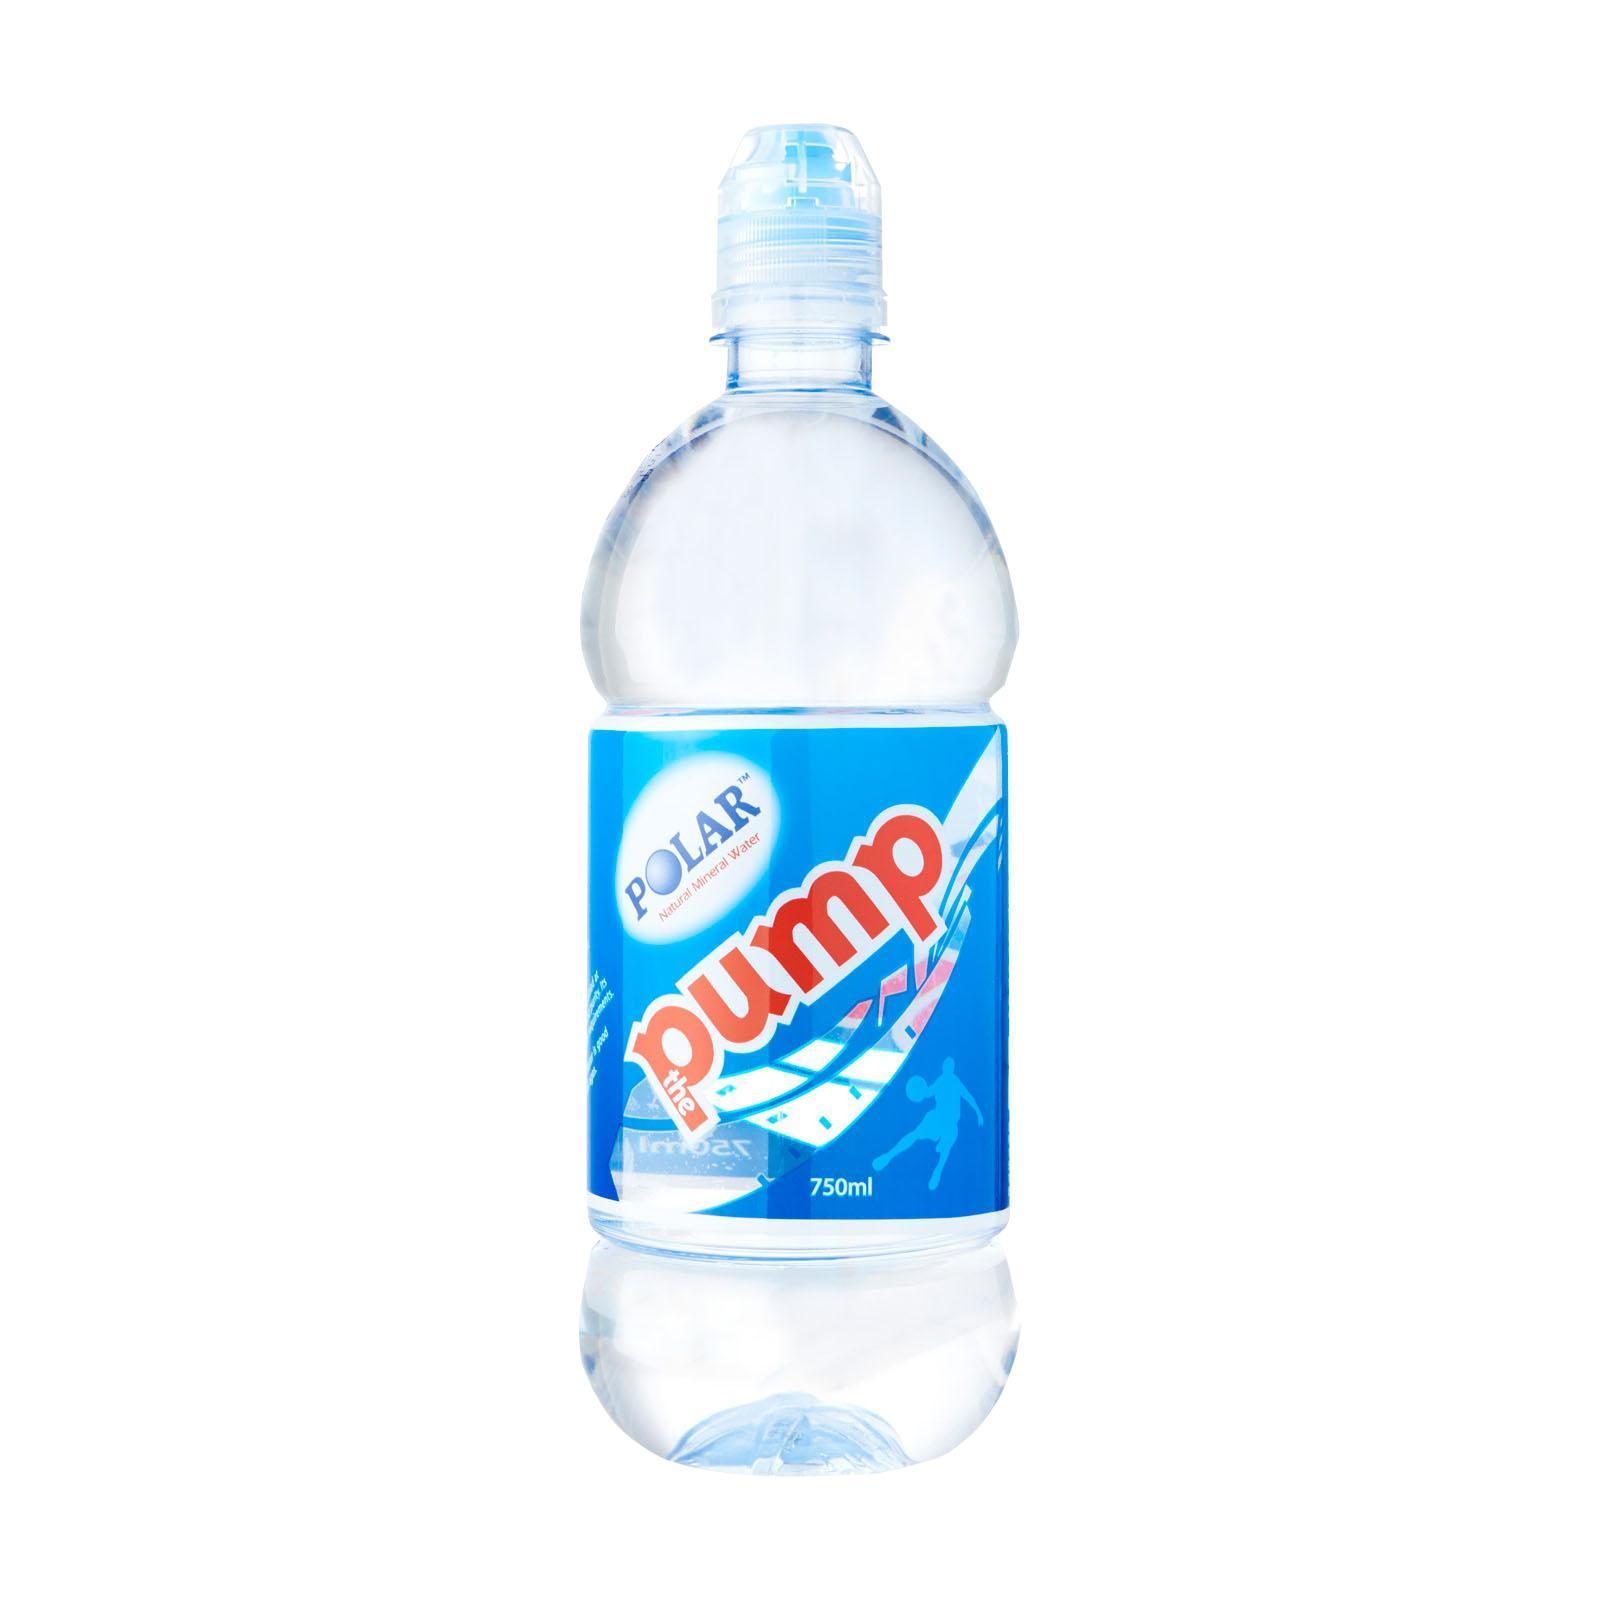 Polar Pump Natural Mineral Water